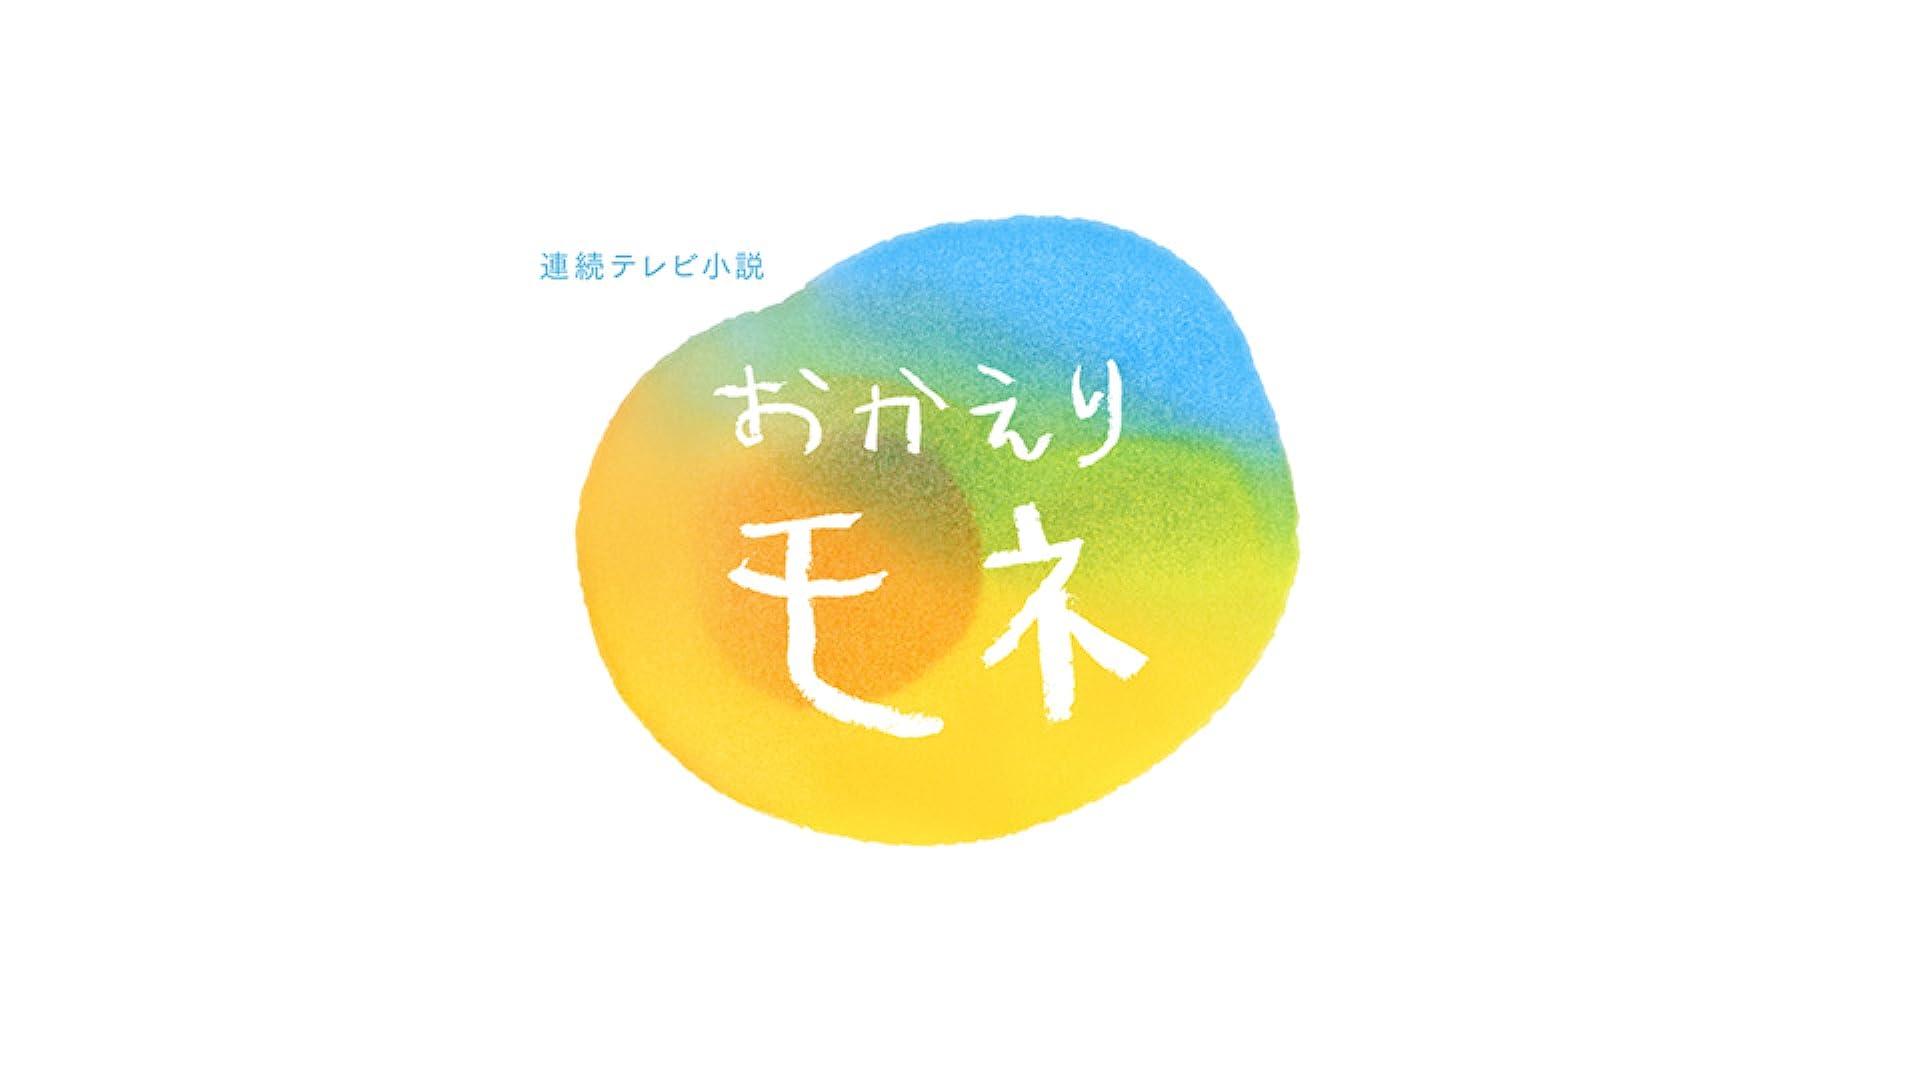 おかえりモネ(NHKオンデマンド)